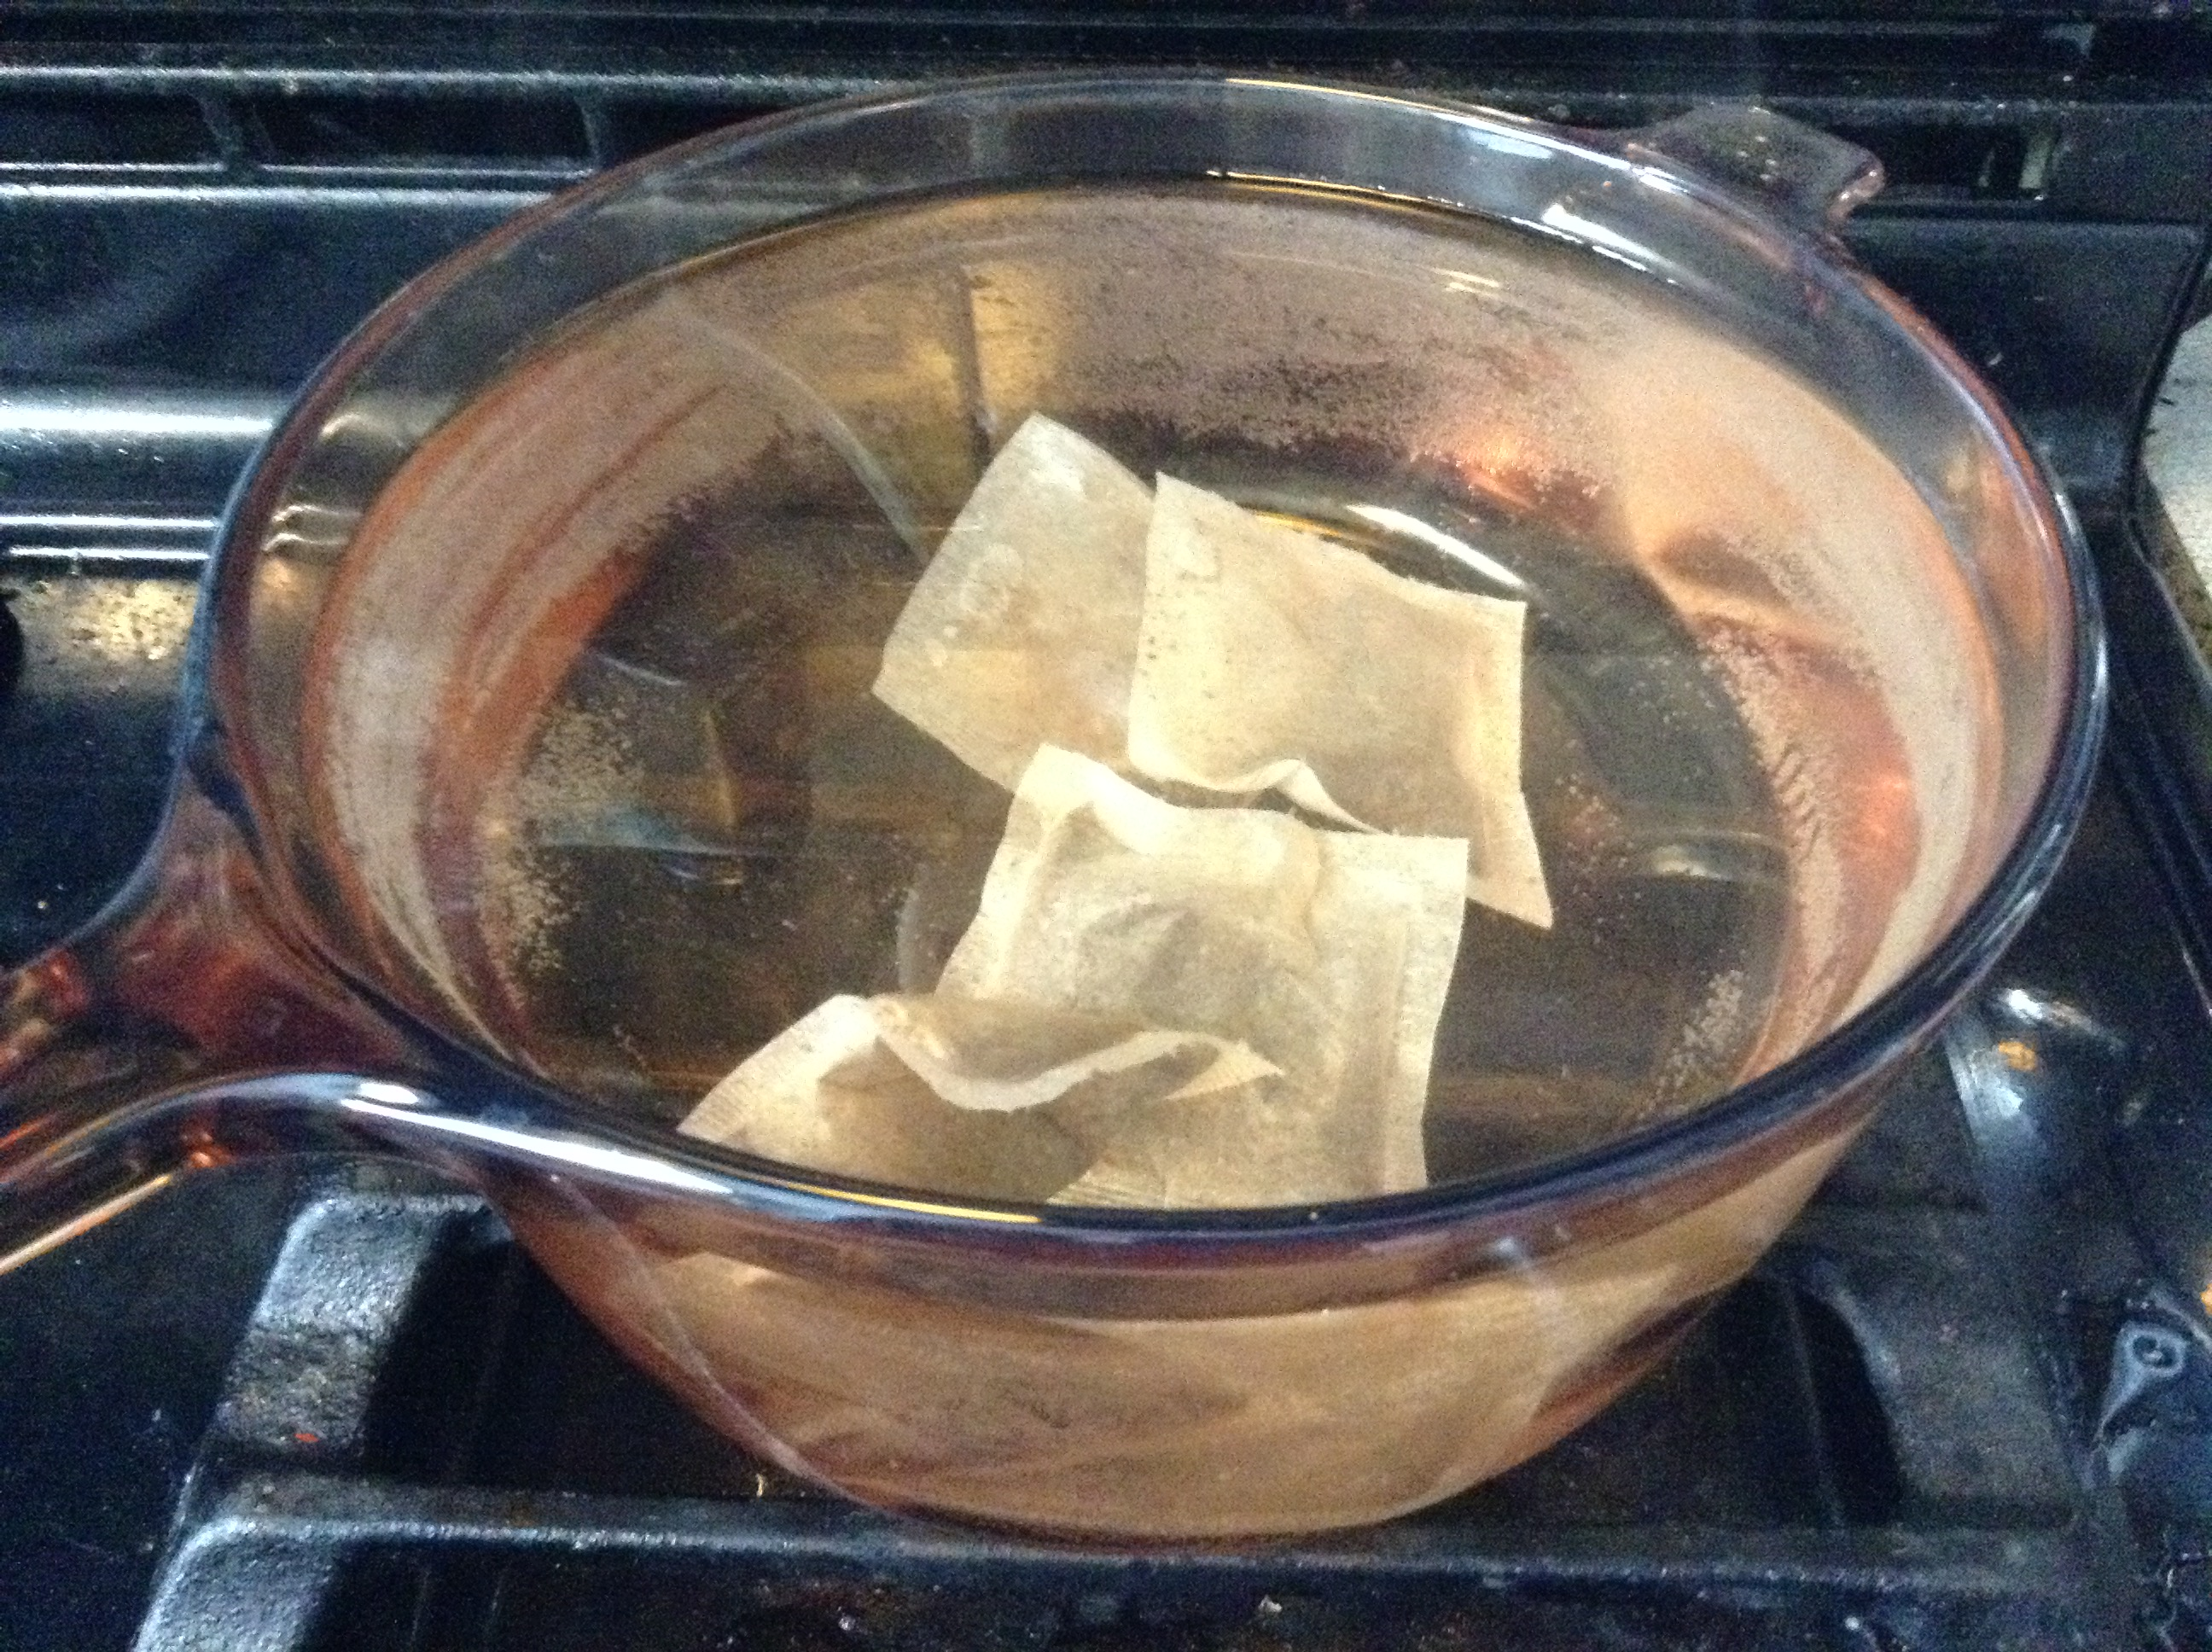 Sugar water and tea bags